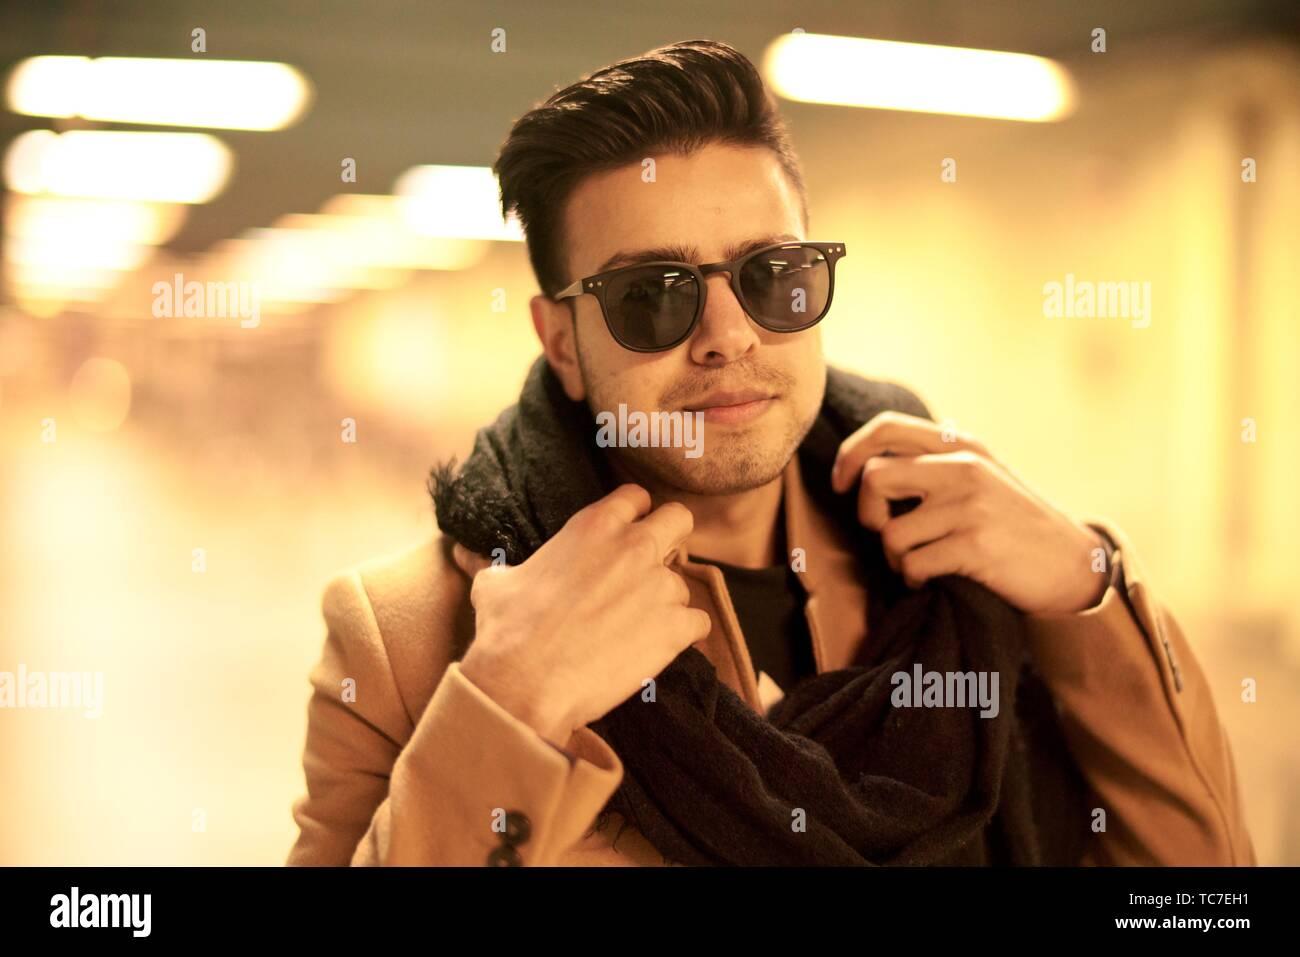 5a8864fa5 Moda joven hombre con bufanda y gafas de sol en interiores en subterráneo  en Munich,